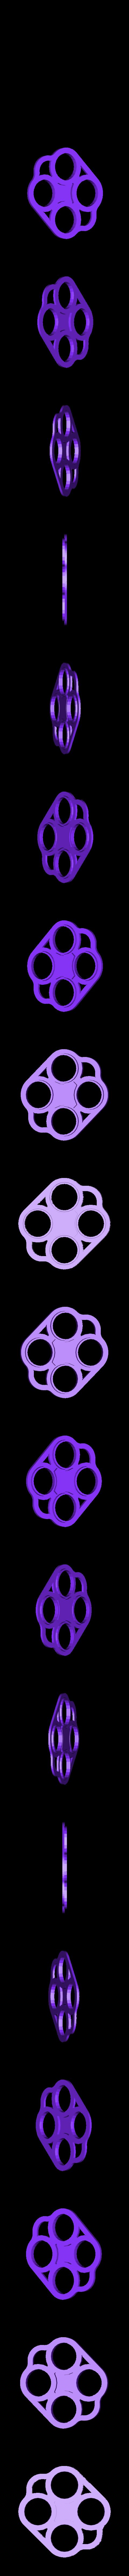 porte gob pla.stl Télécharger fichier STL repose gobelet • Modèle pour impression 3D, YOHAN_3D